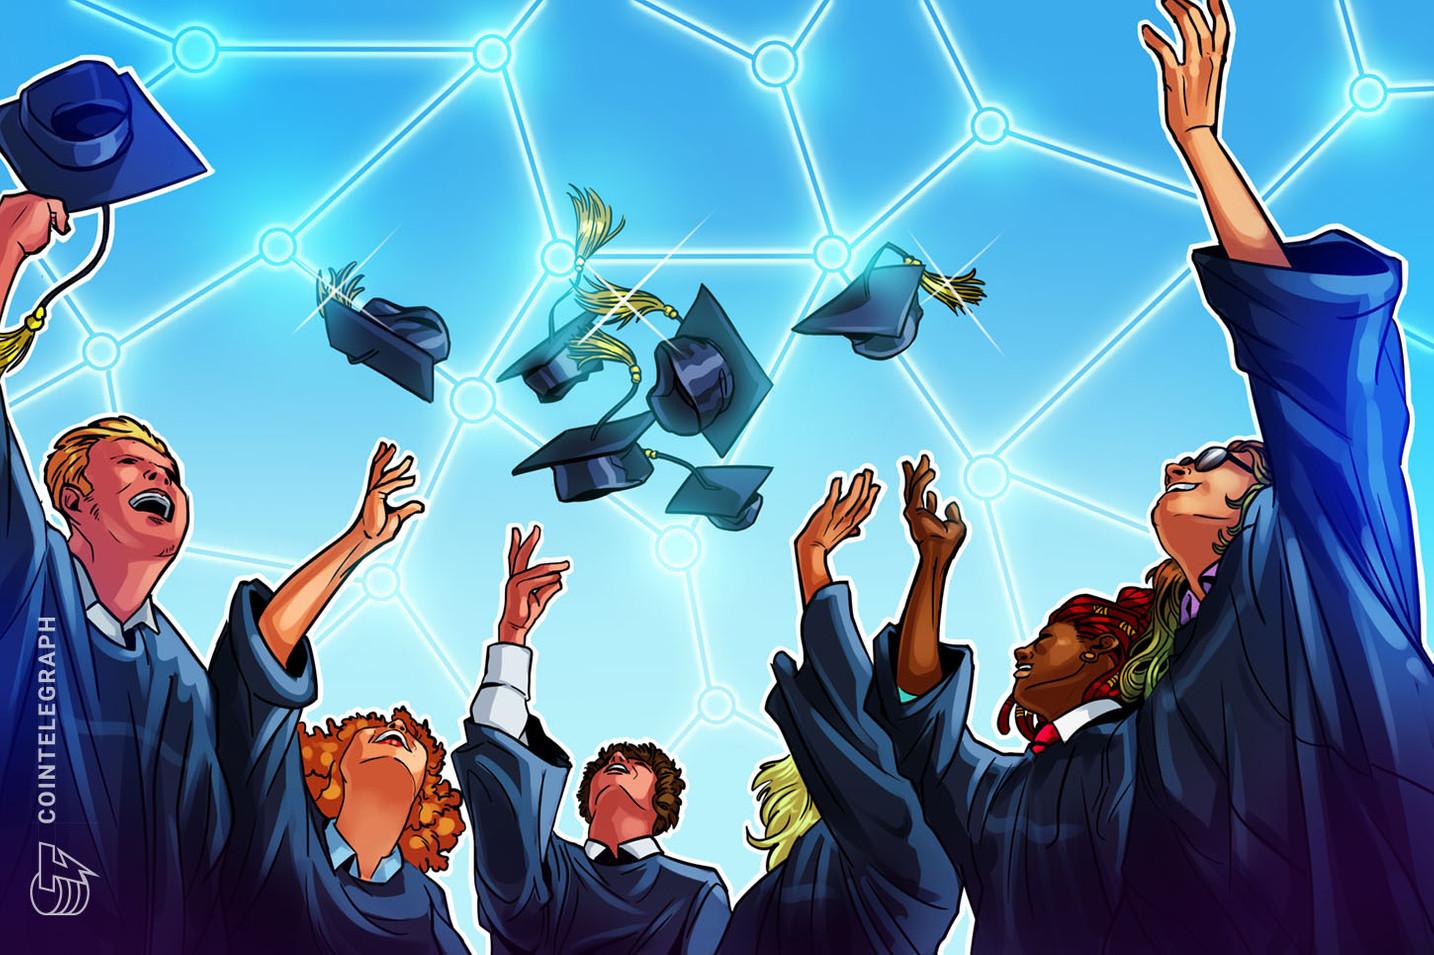 Il ministero dell'istruzione vietnamita registrerà i diplomi su blockchain